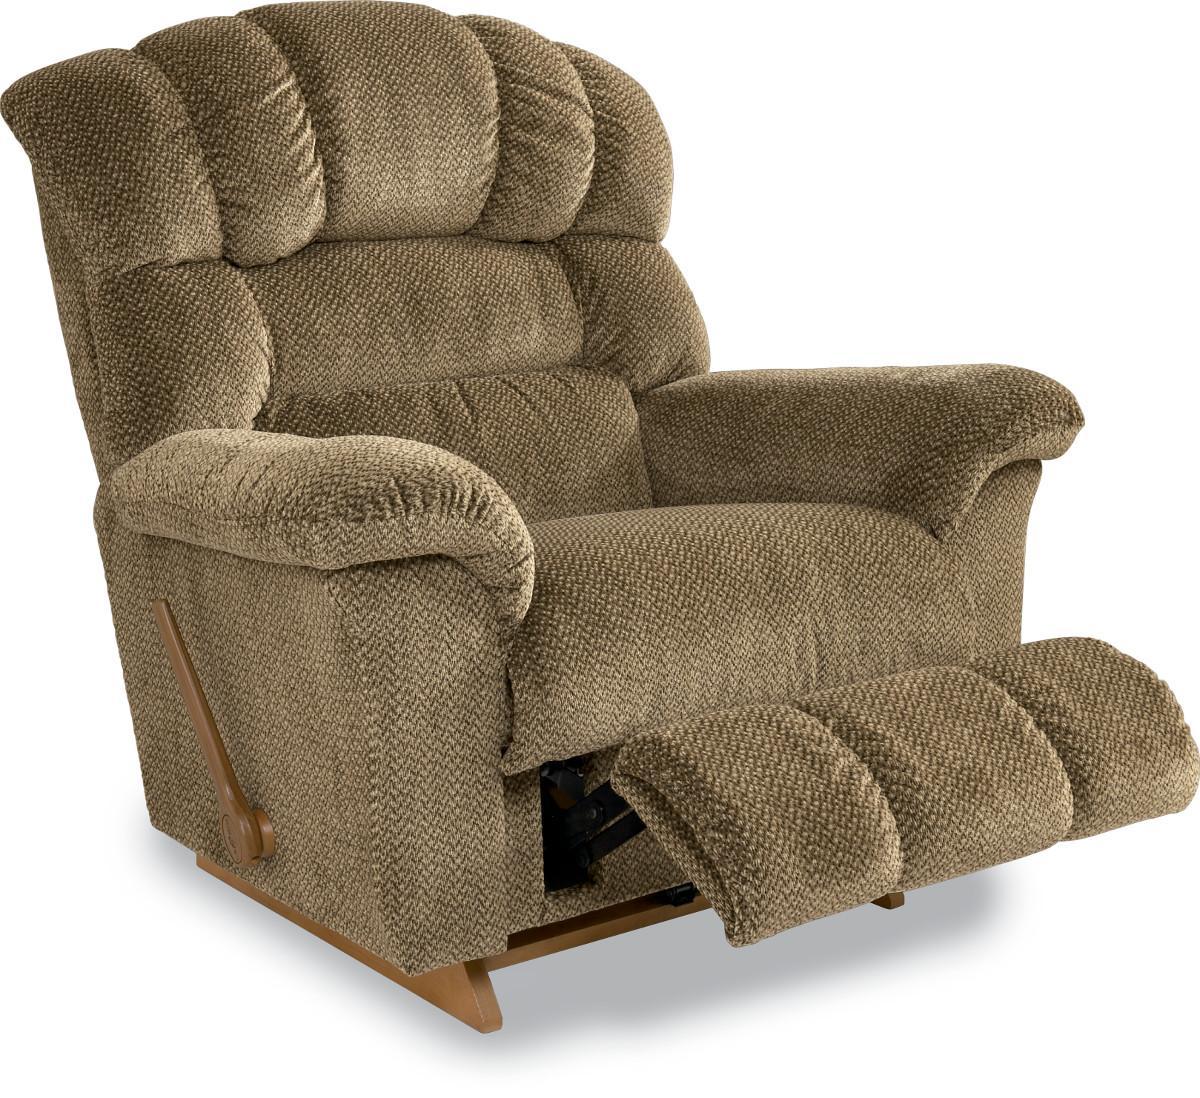 Crandell Reclina Rocker Reclining Chair By La Z Boy